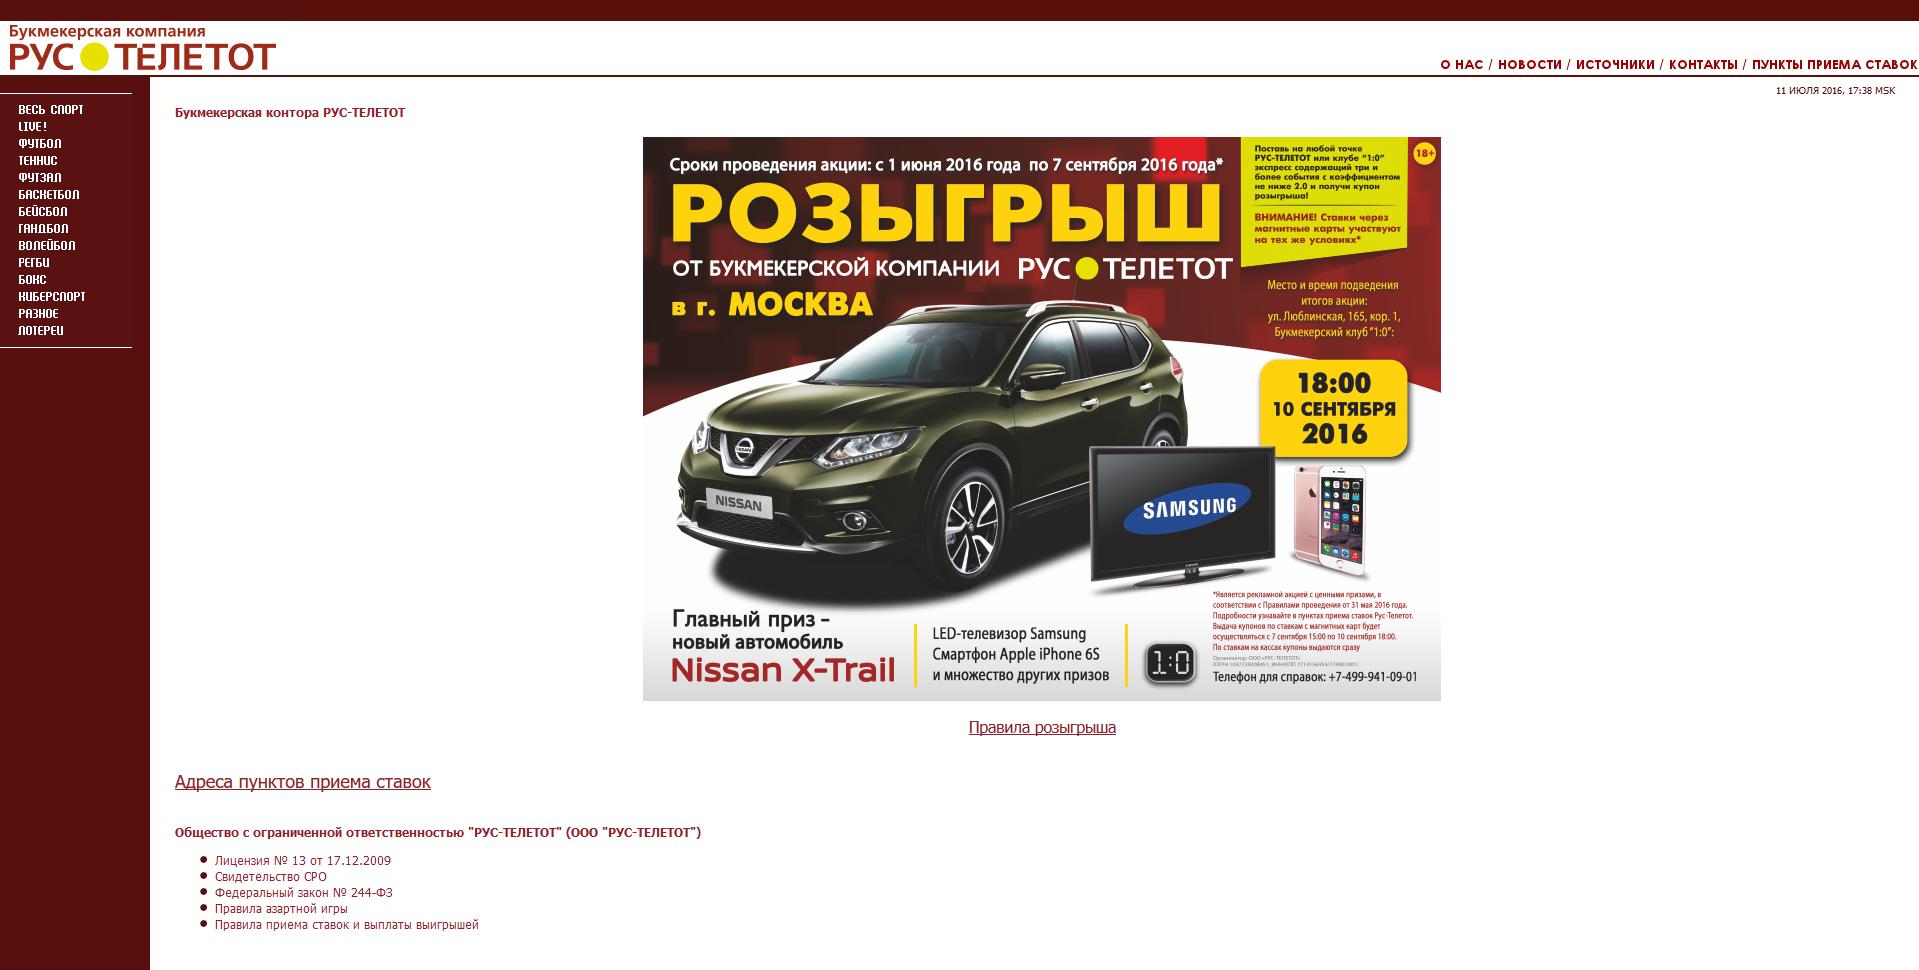 Сайт букмекера РусТелетот